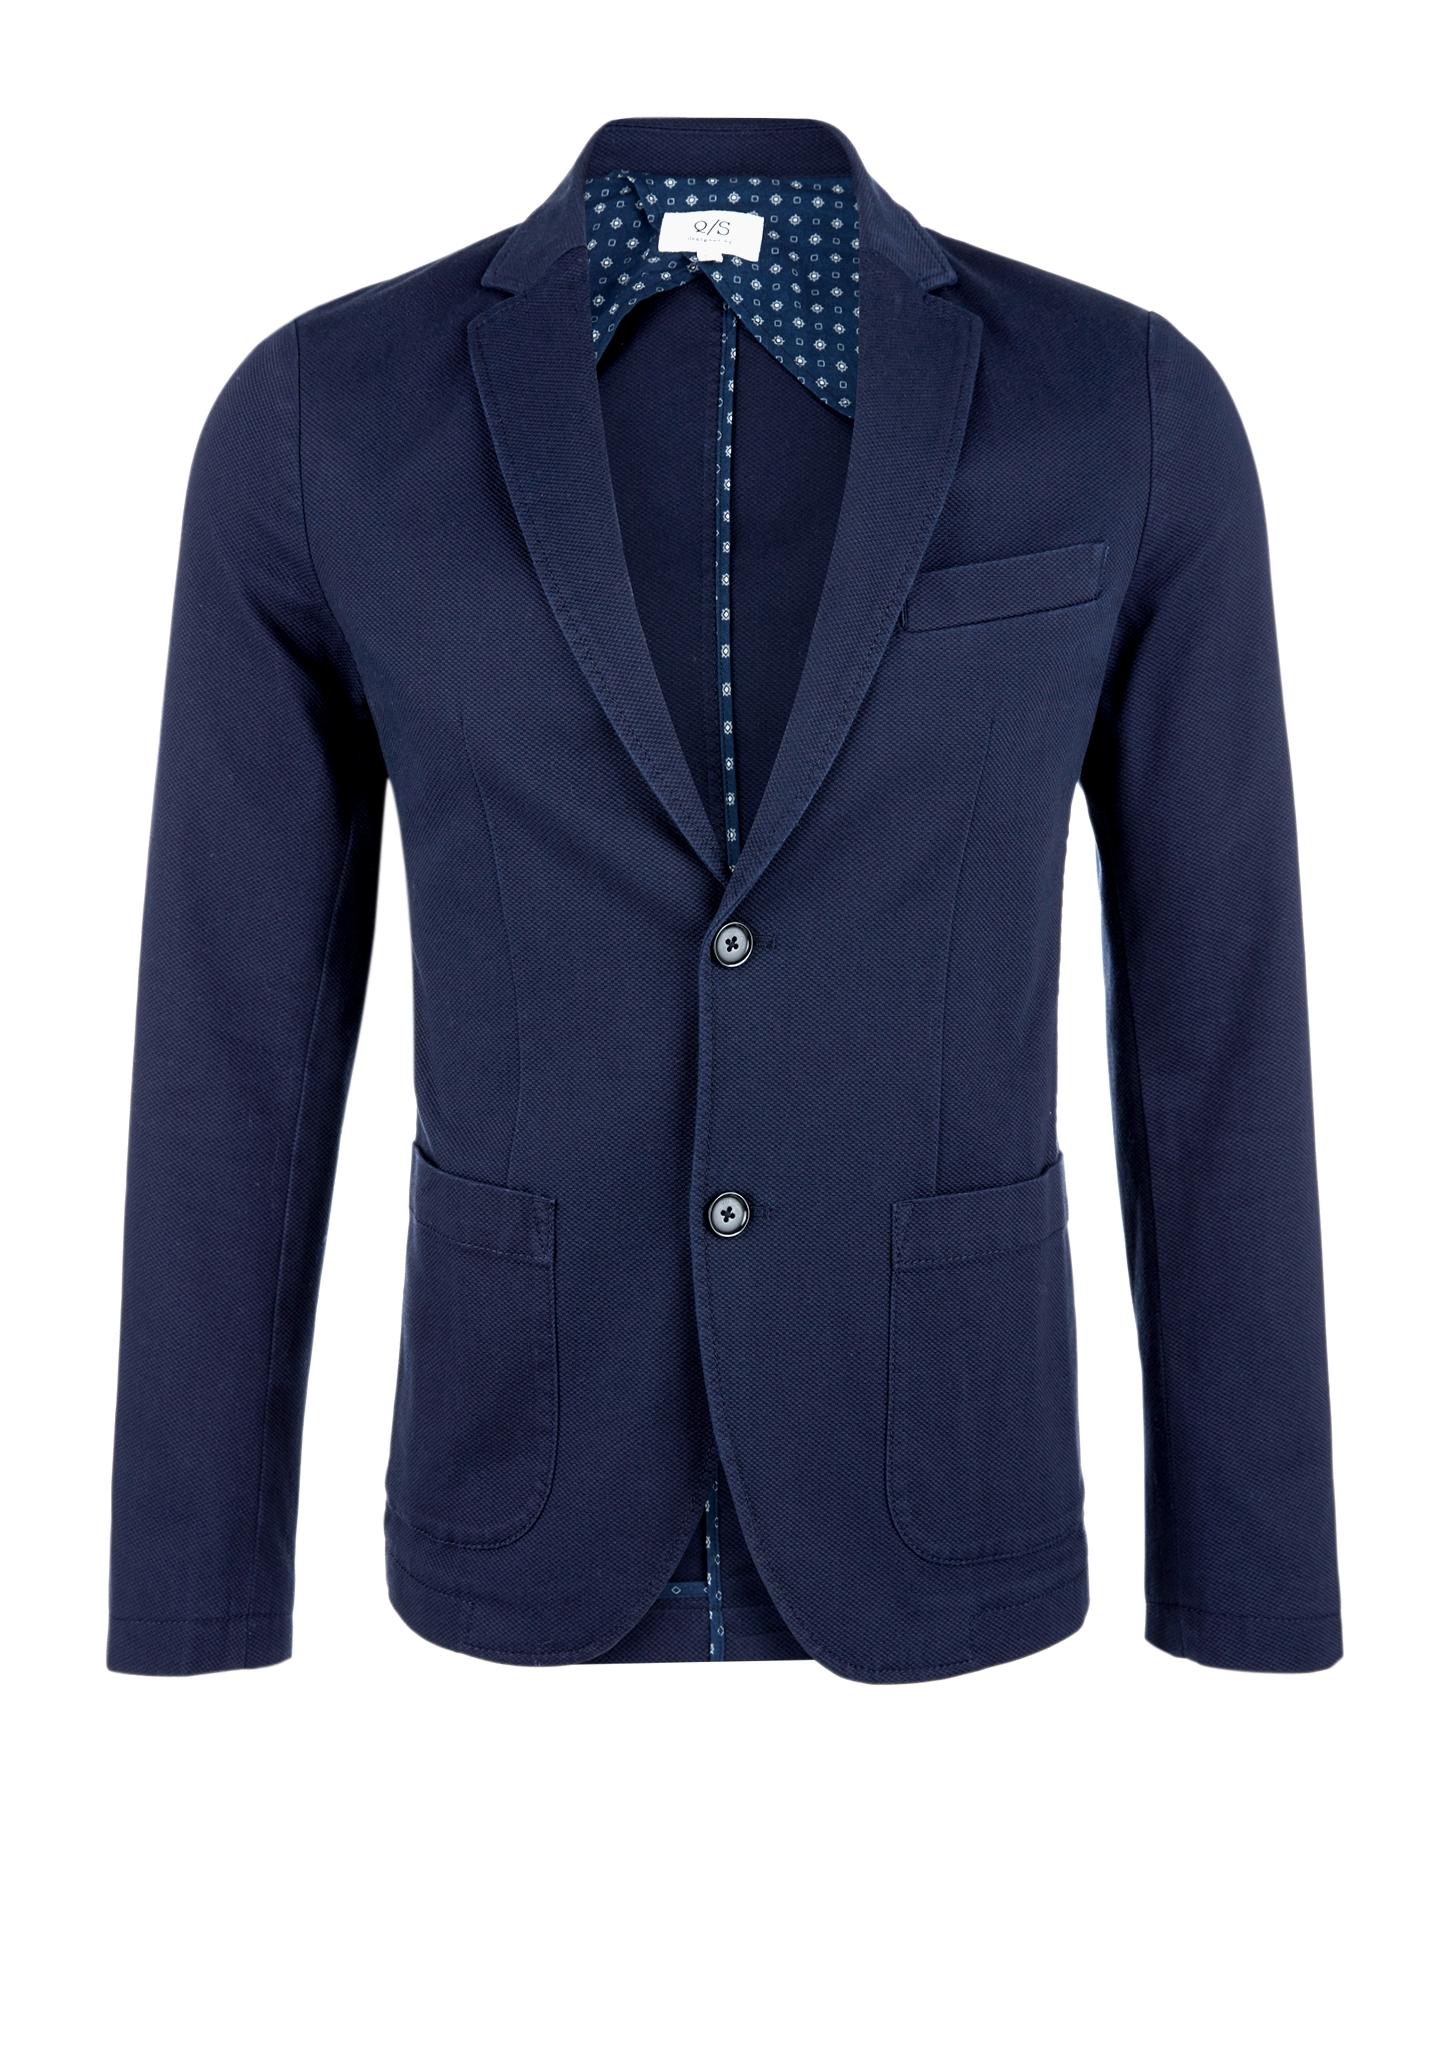 Blazer | Bekleidung > Sakkos > Sonstige Sakkos | Blau | Obermaterial 97% baumwolle -  3% elasthan| futter 100% baumwolle | Q/S designed by